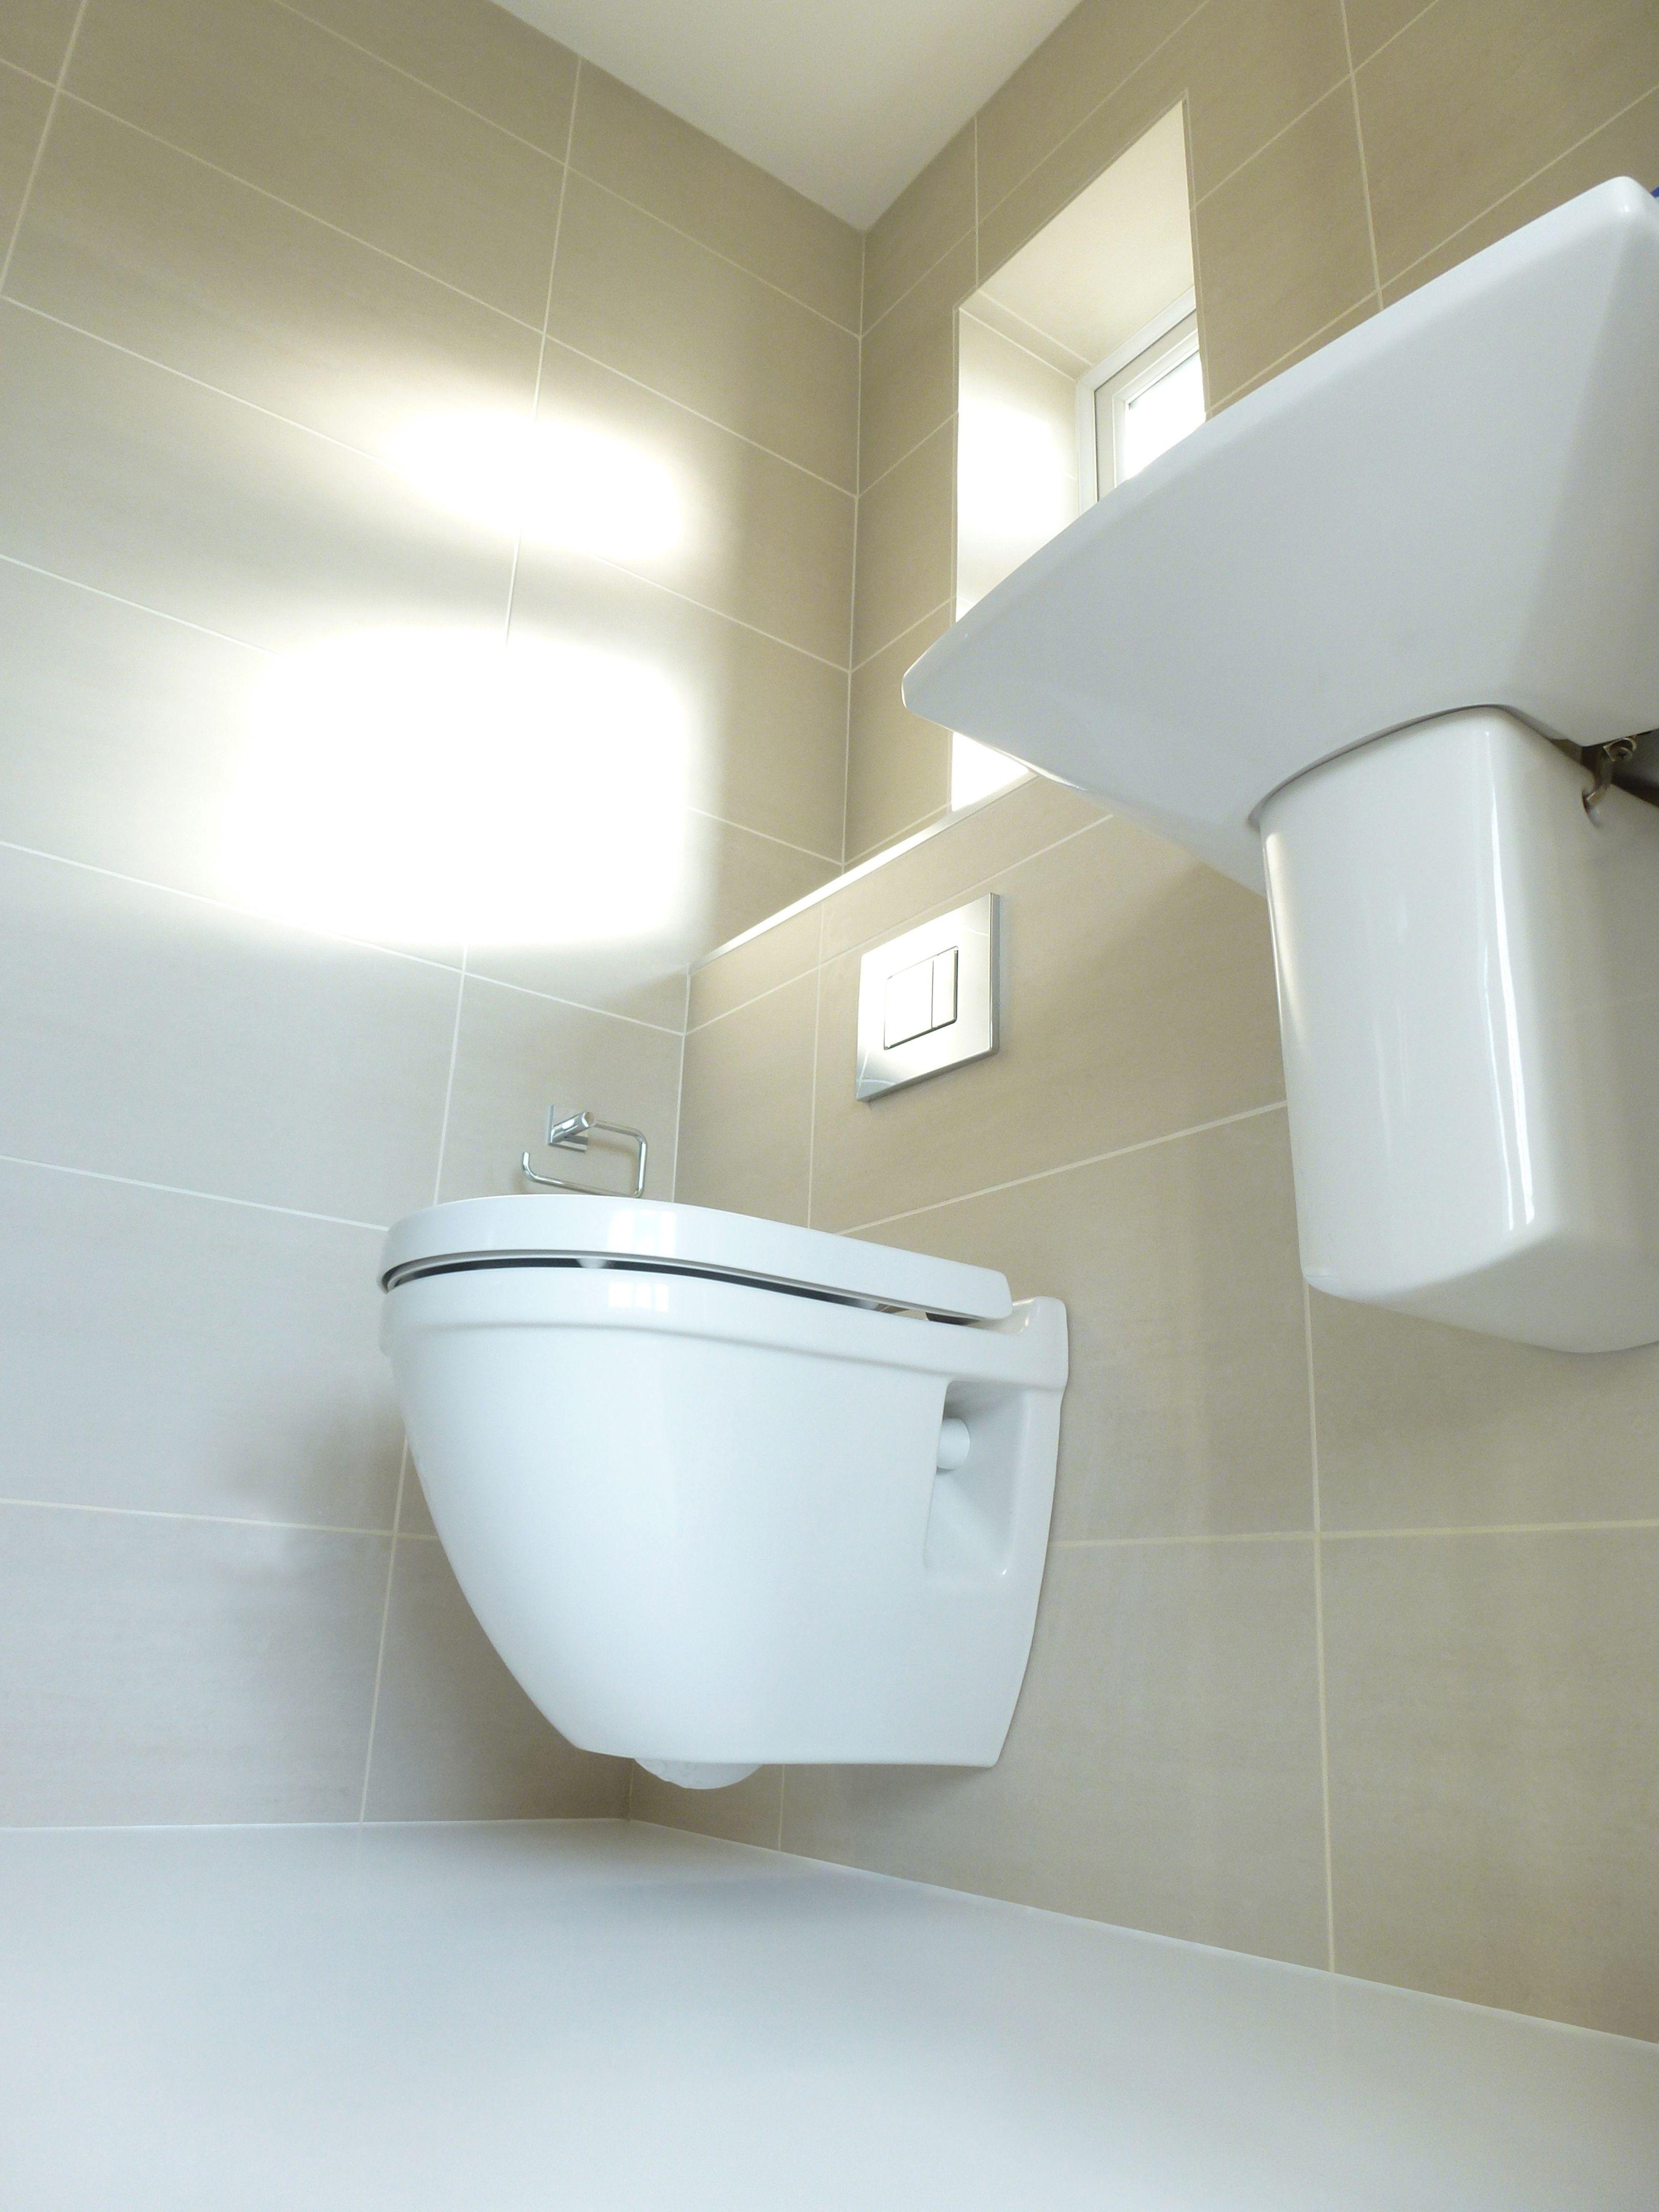 EnSuite Bathroom White Resin Floor Bathroom flooring